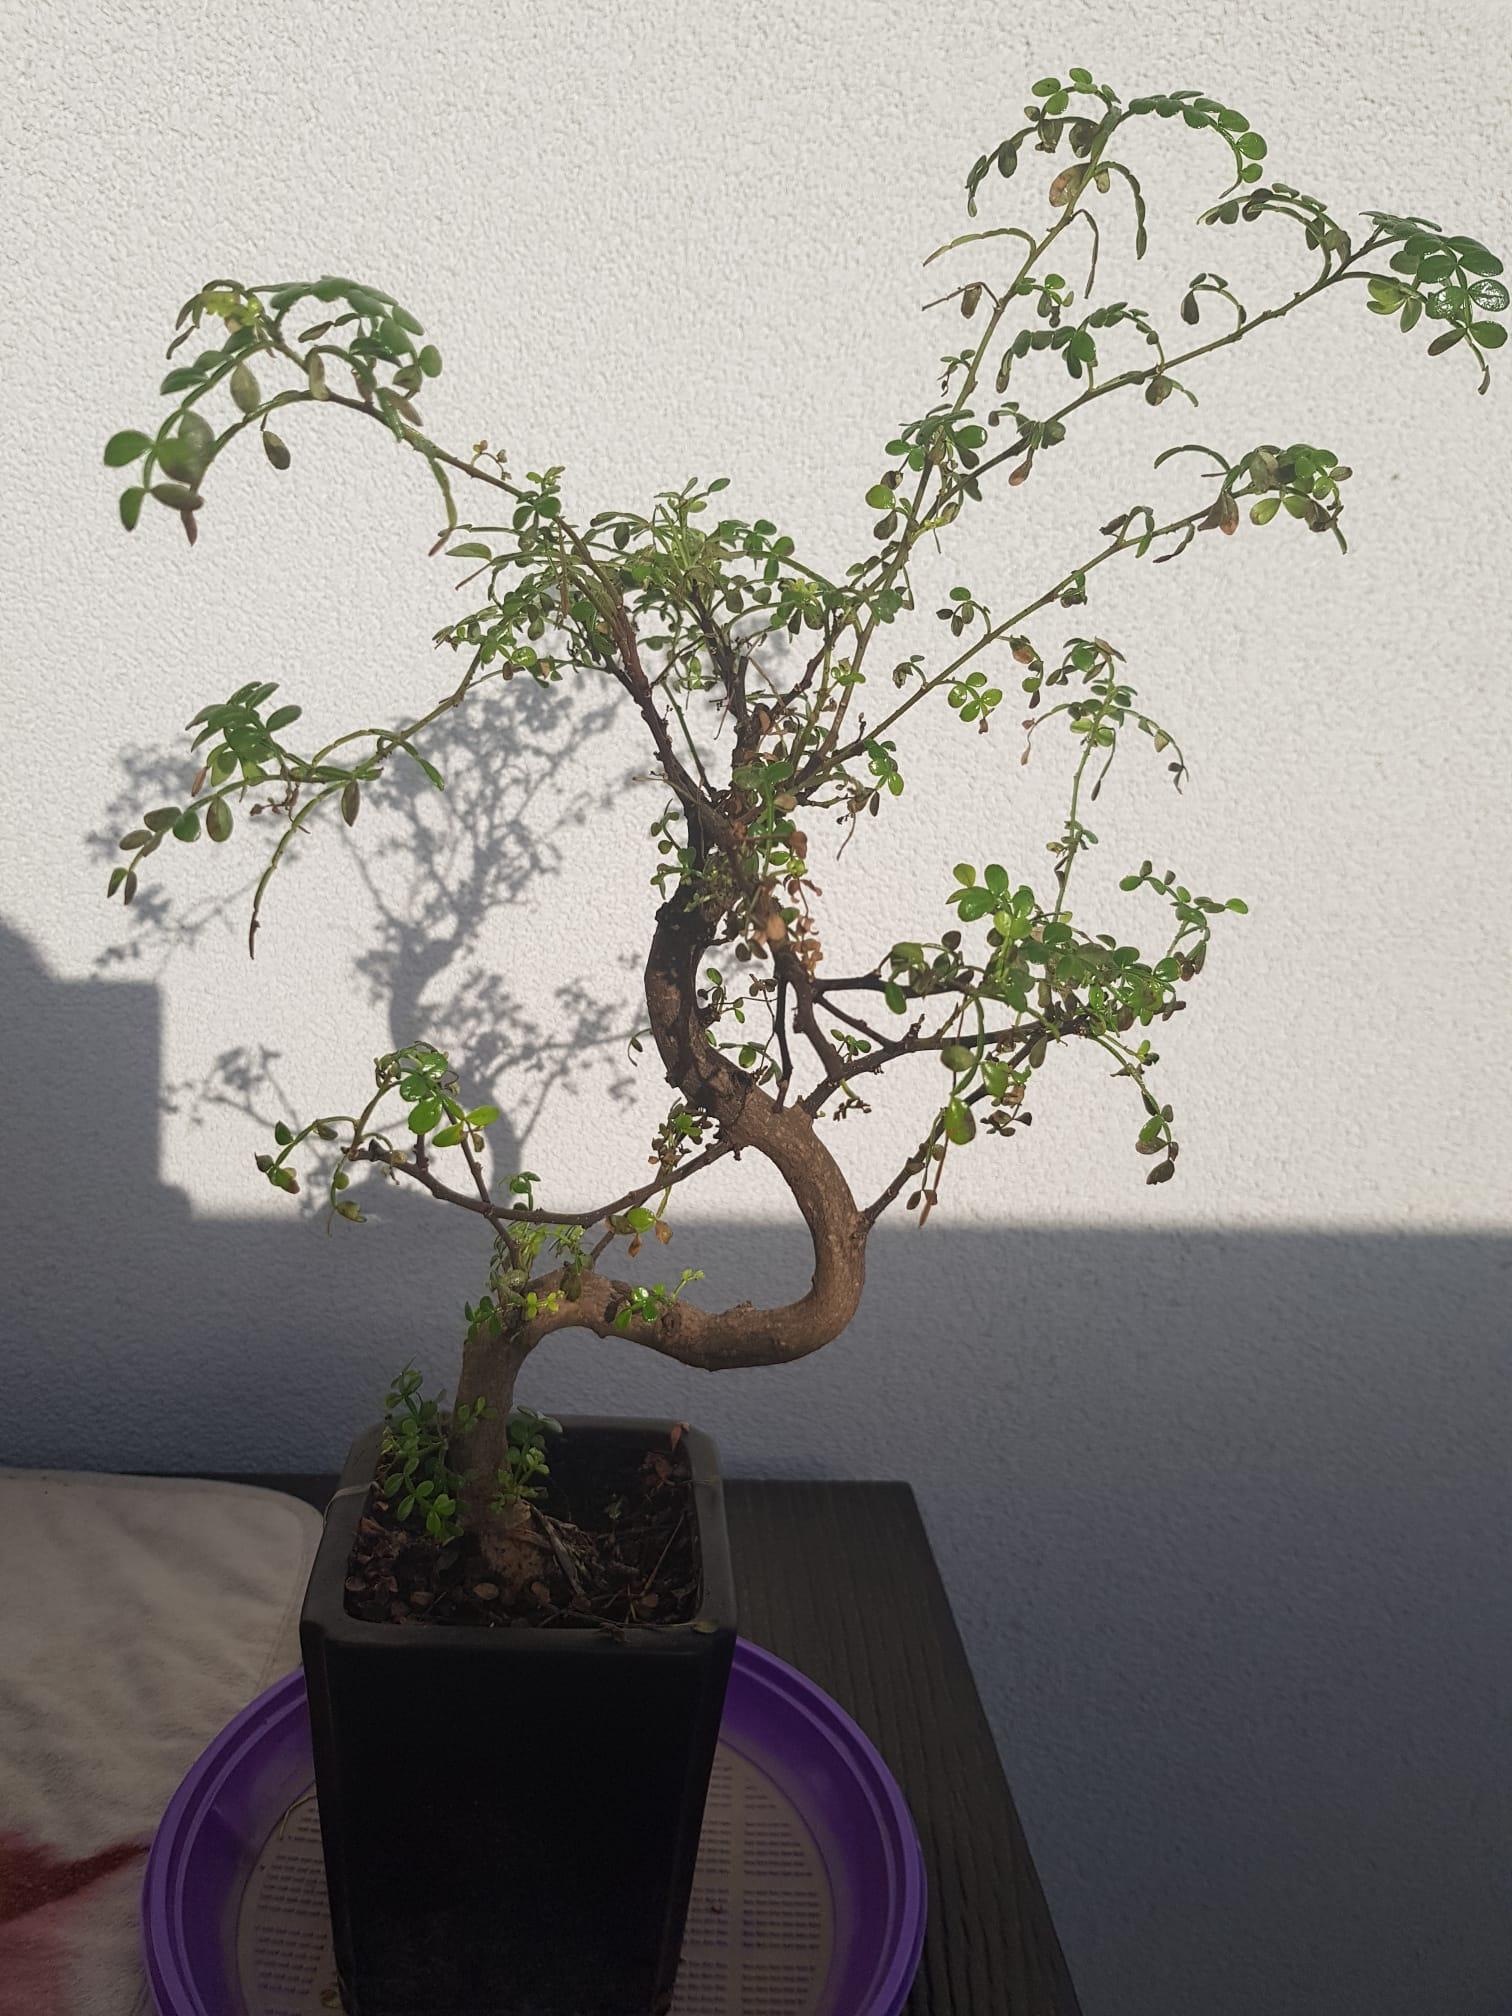 primo bonsai pepper tree: chiedo consigli - Pagina 2 Pre-potatura01